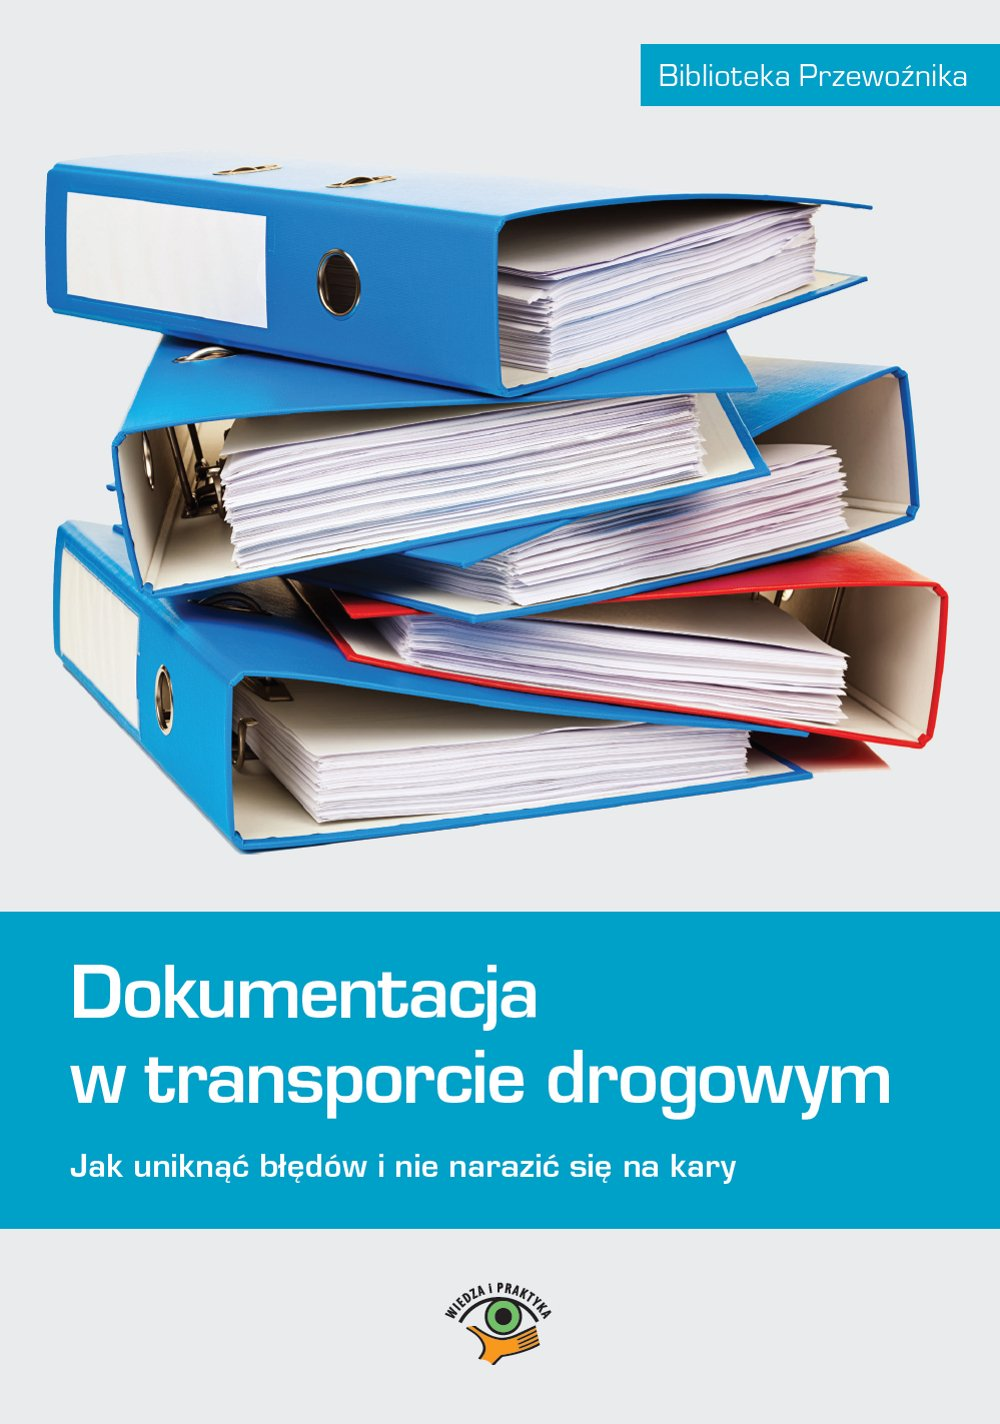 Dokumentacja w transporcie drogowym. Jak uniknąć błędów i nie narazić się na kary - Ebook (Książka PDF) do pobrania w formacie PDF